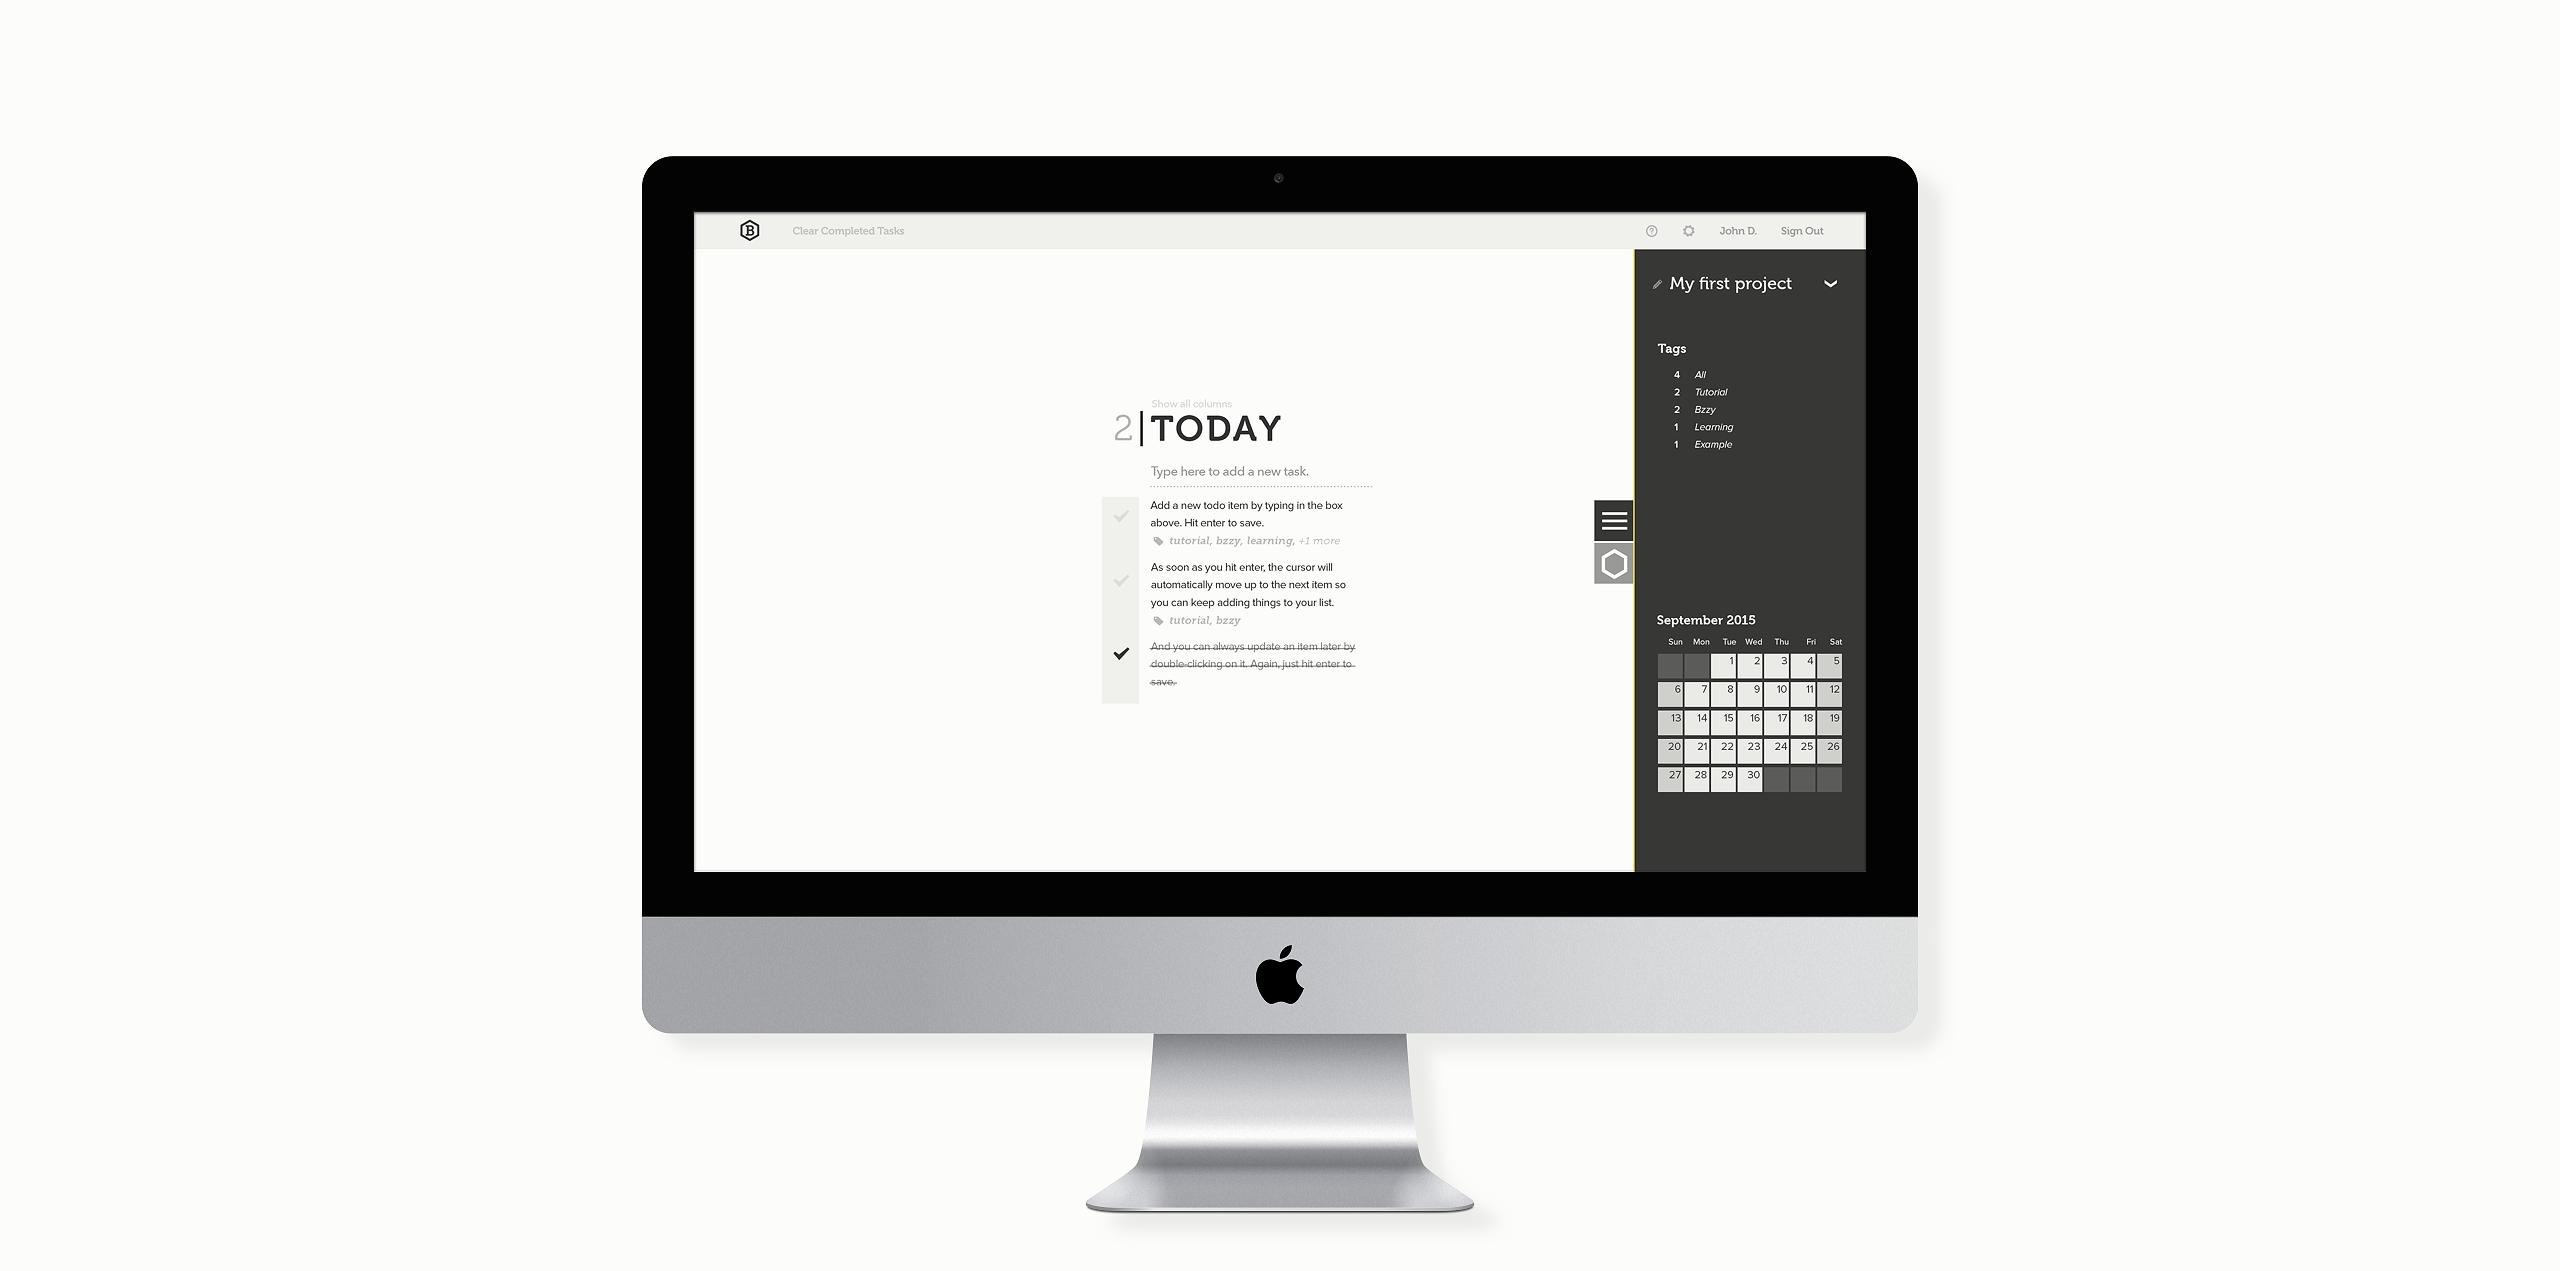 bzzydesktop2